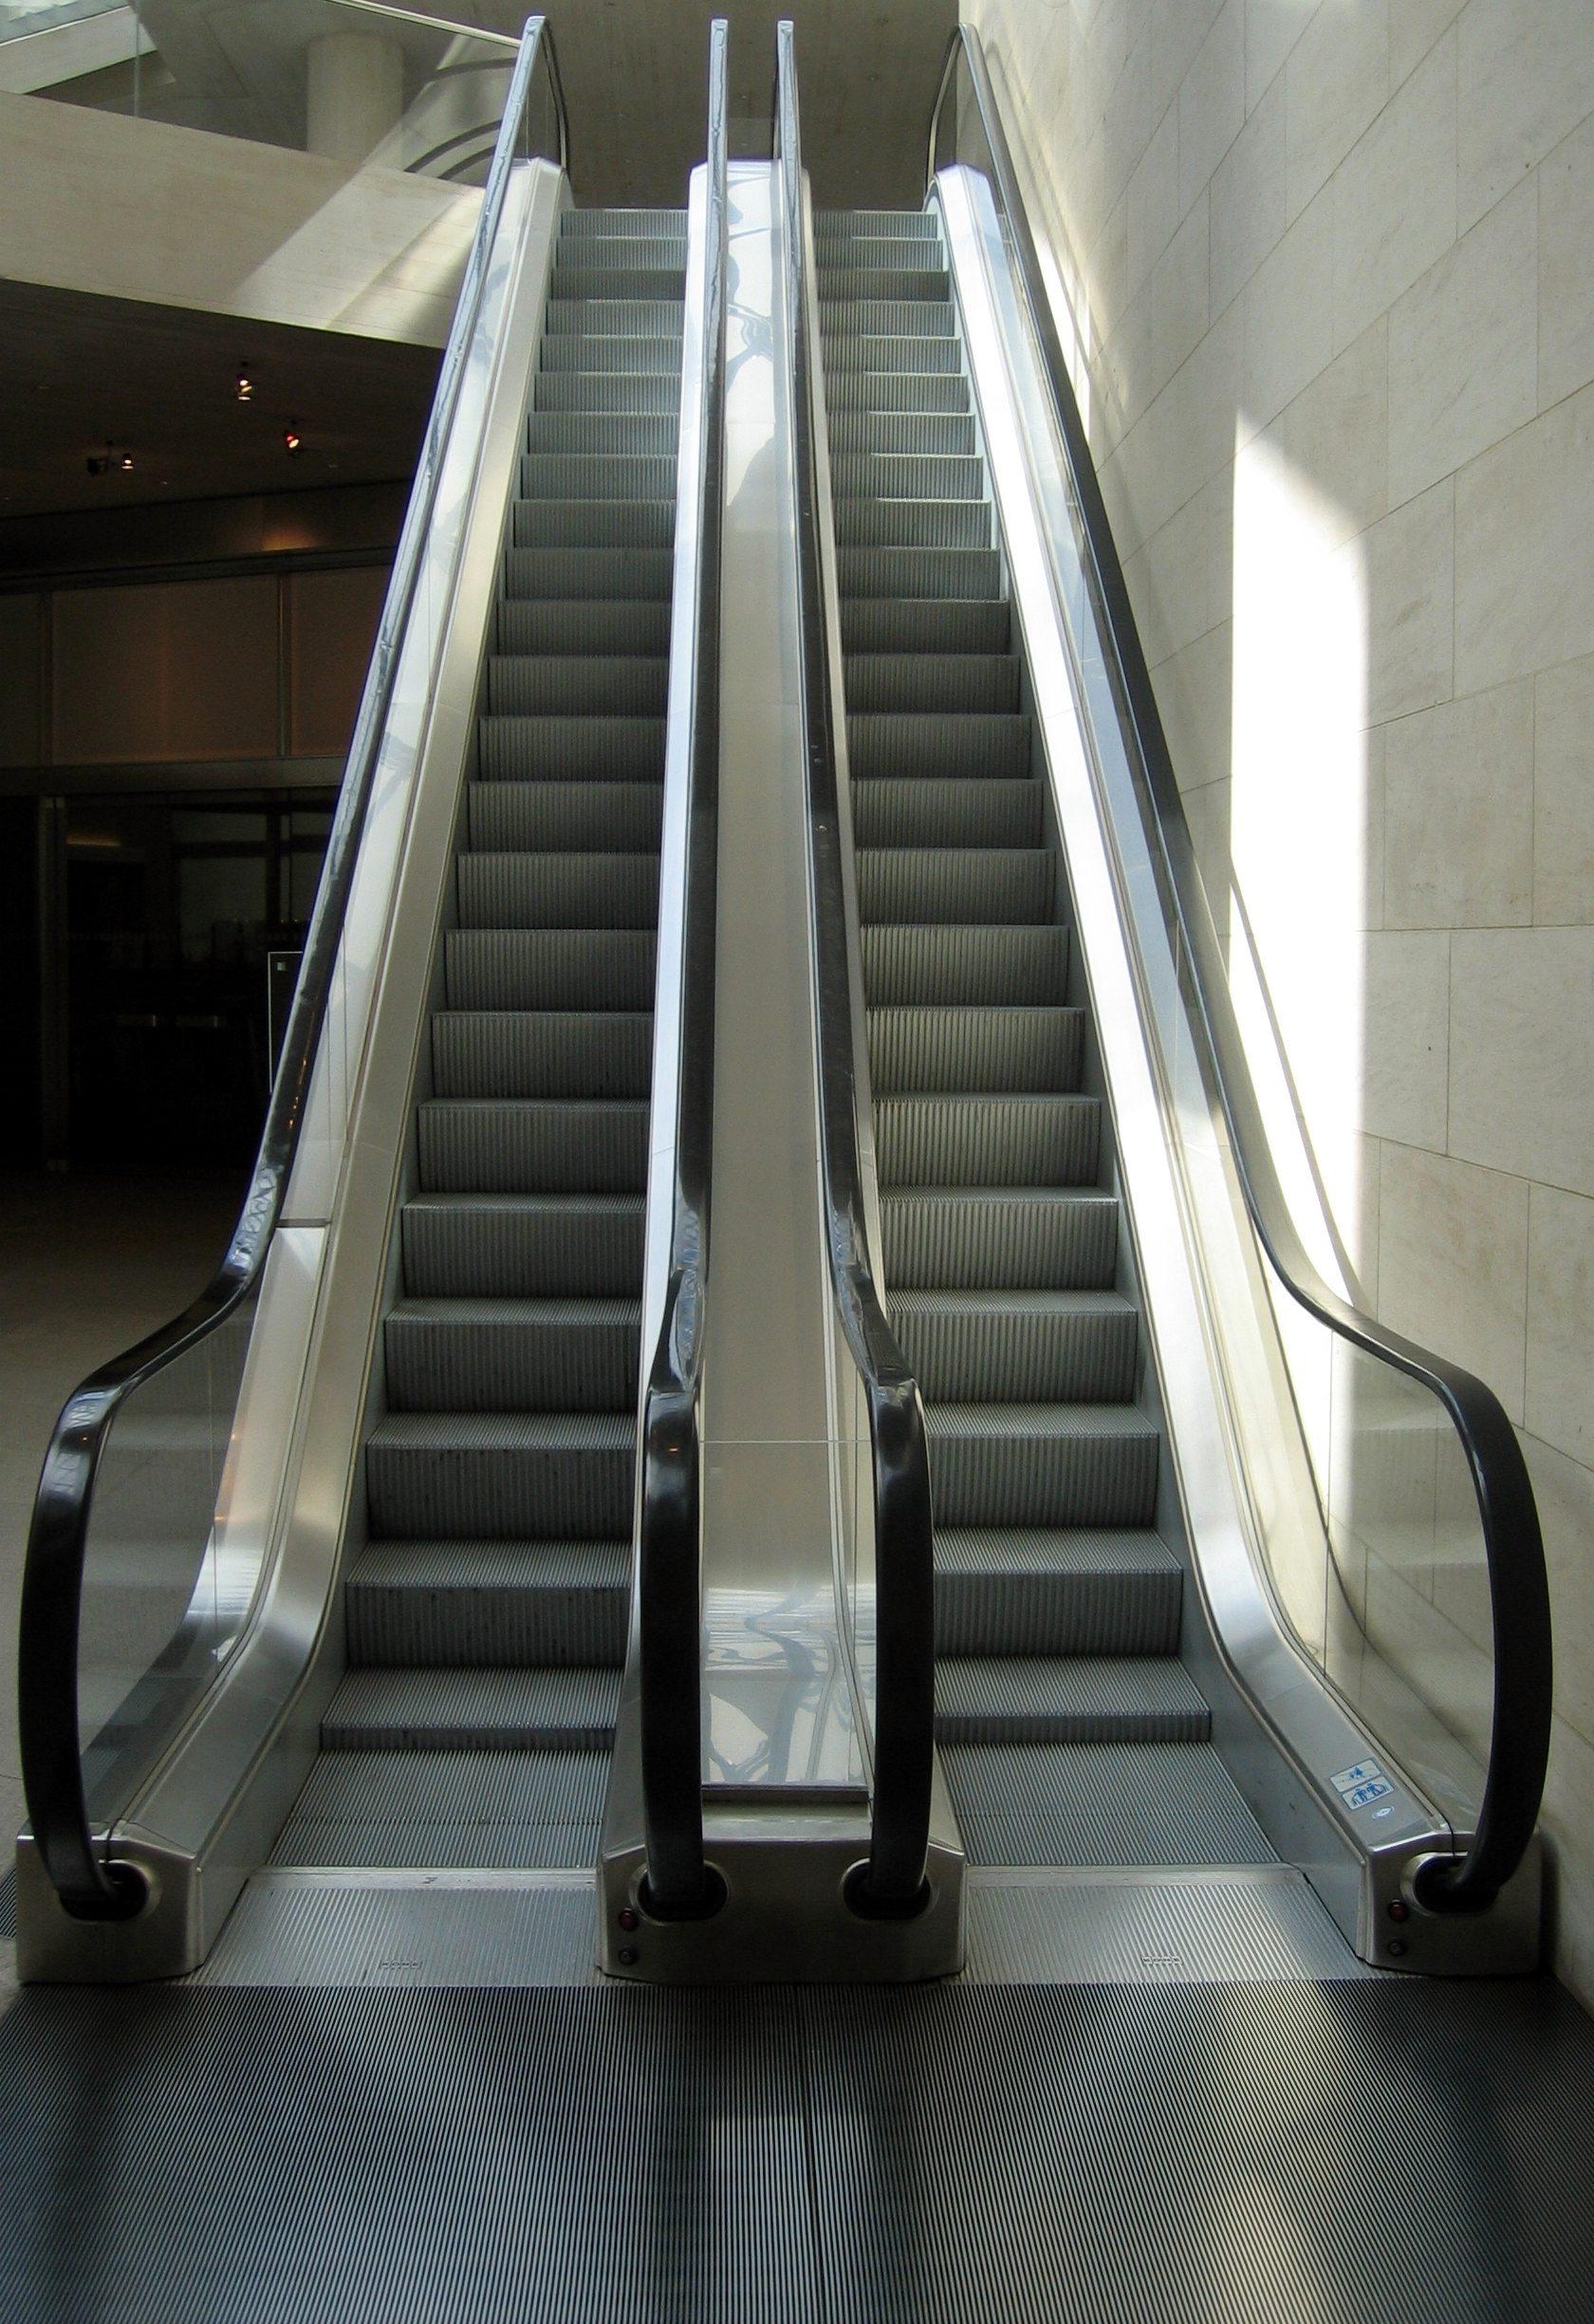 Fotos Escaleras Mecanicas Para Escaleras Mecánicas